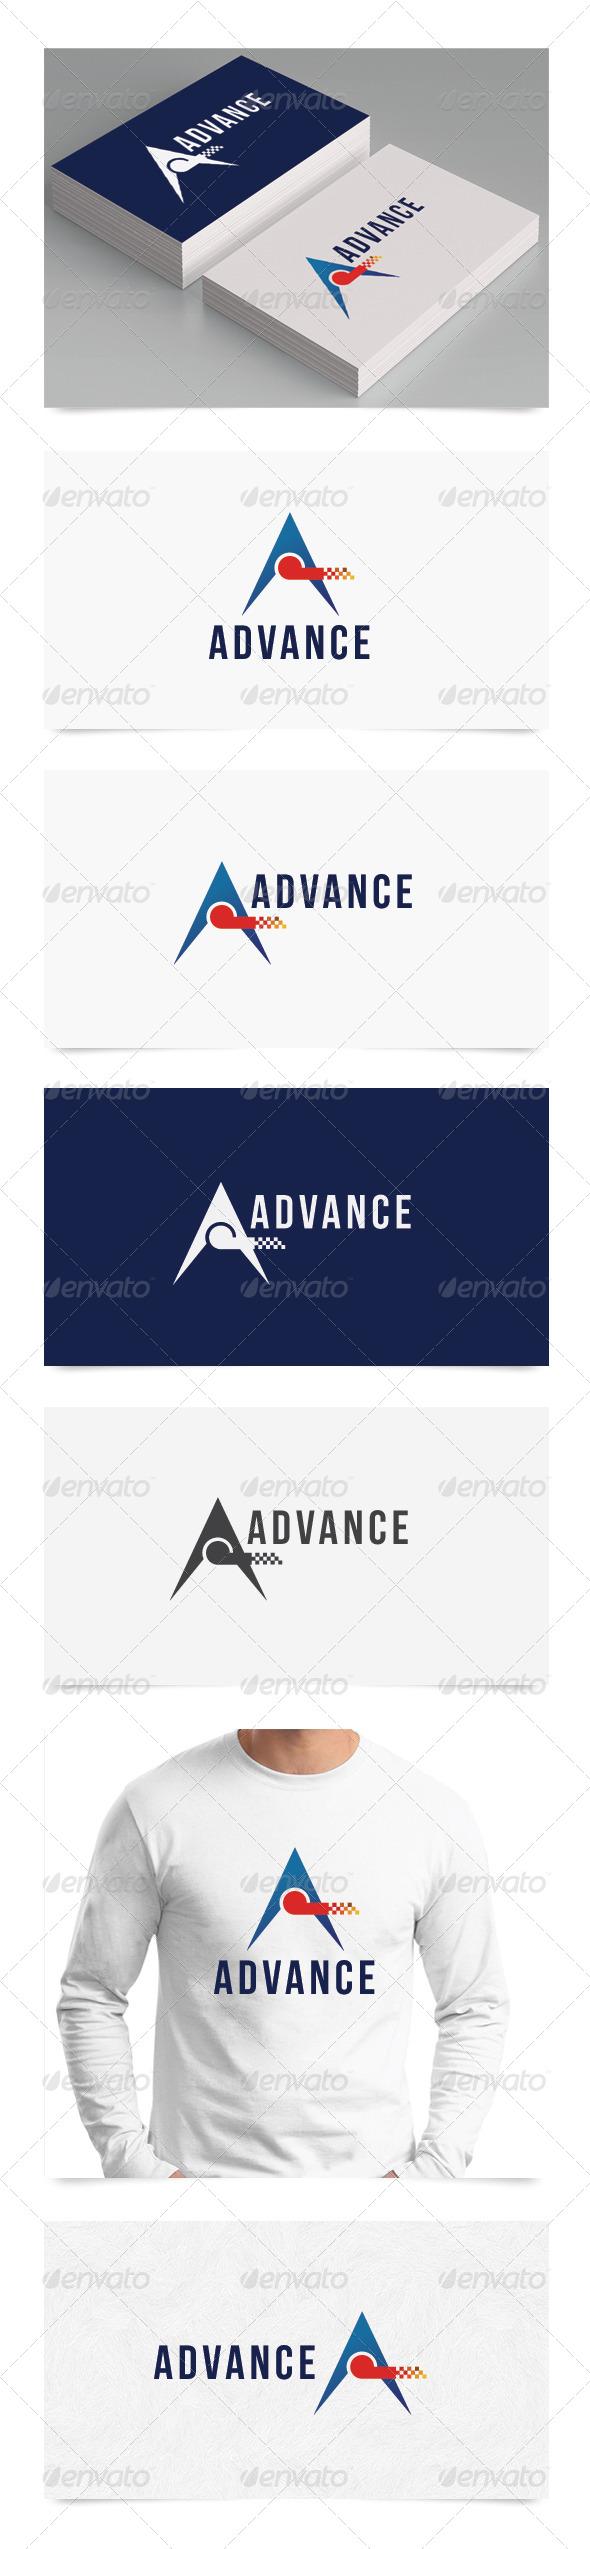 GraphicRiver Advance 5132315